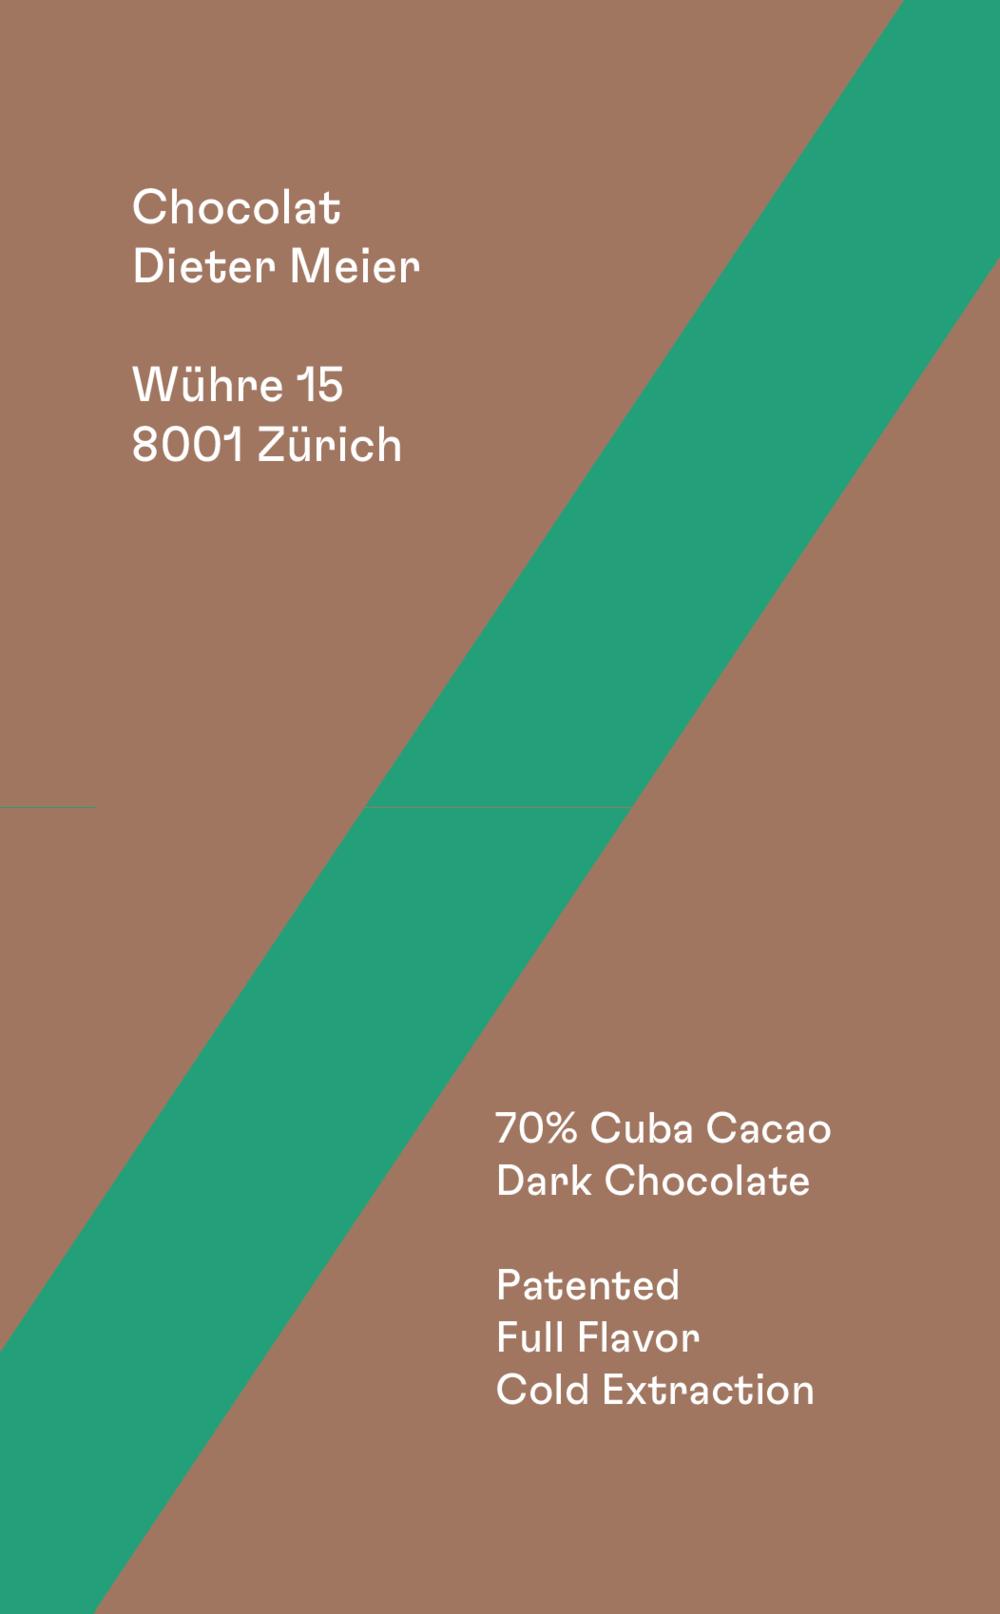 Chocolat_Dieter_Meier_Cuba_70_A.png